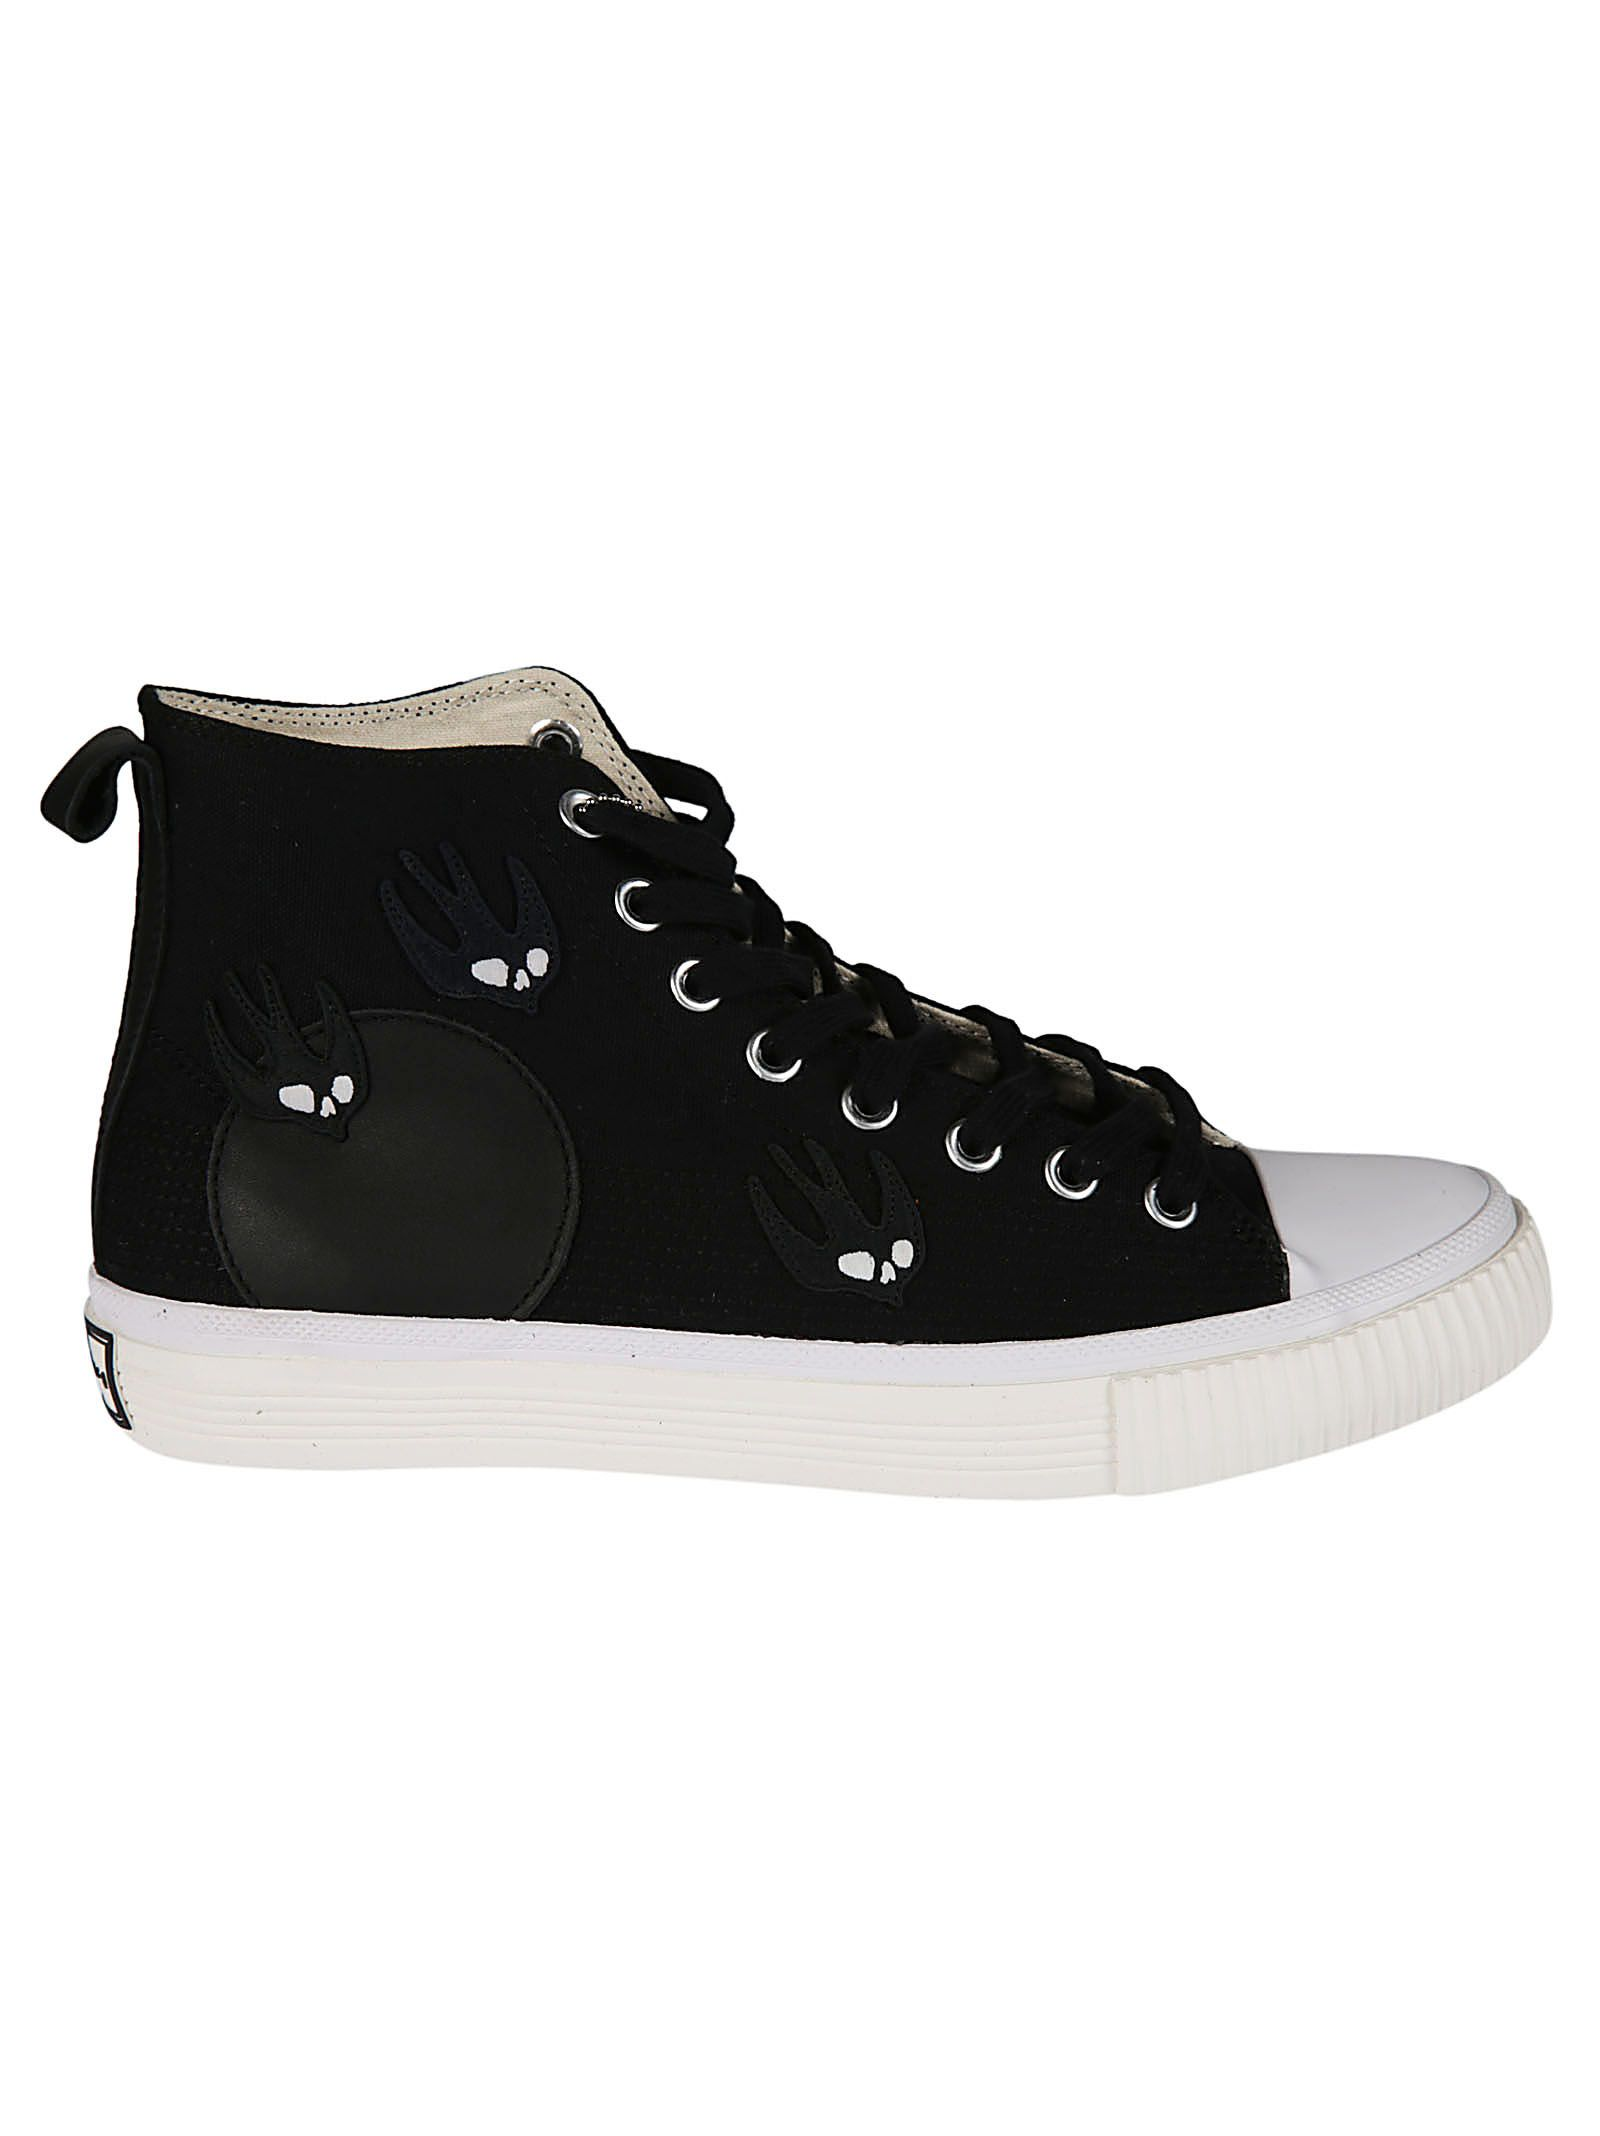 Mcq Alexander Mcqueen Swallow Print Hi-top Sneakers